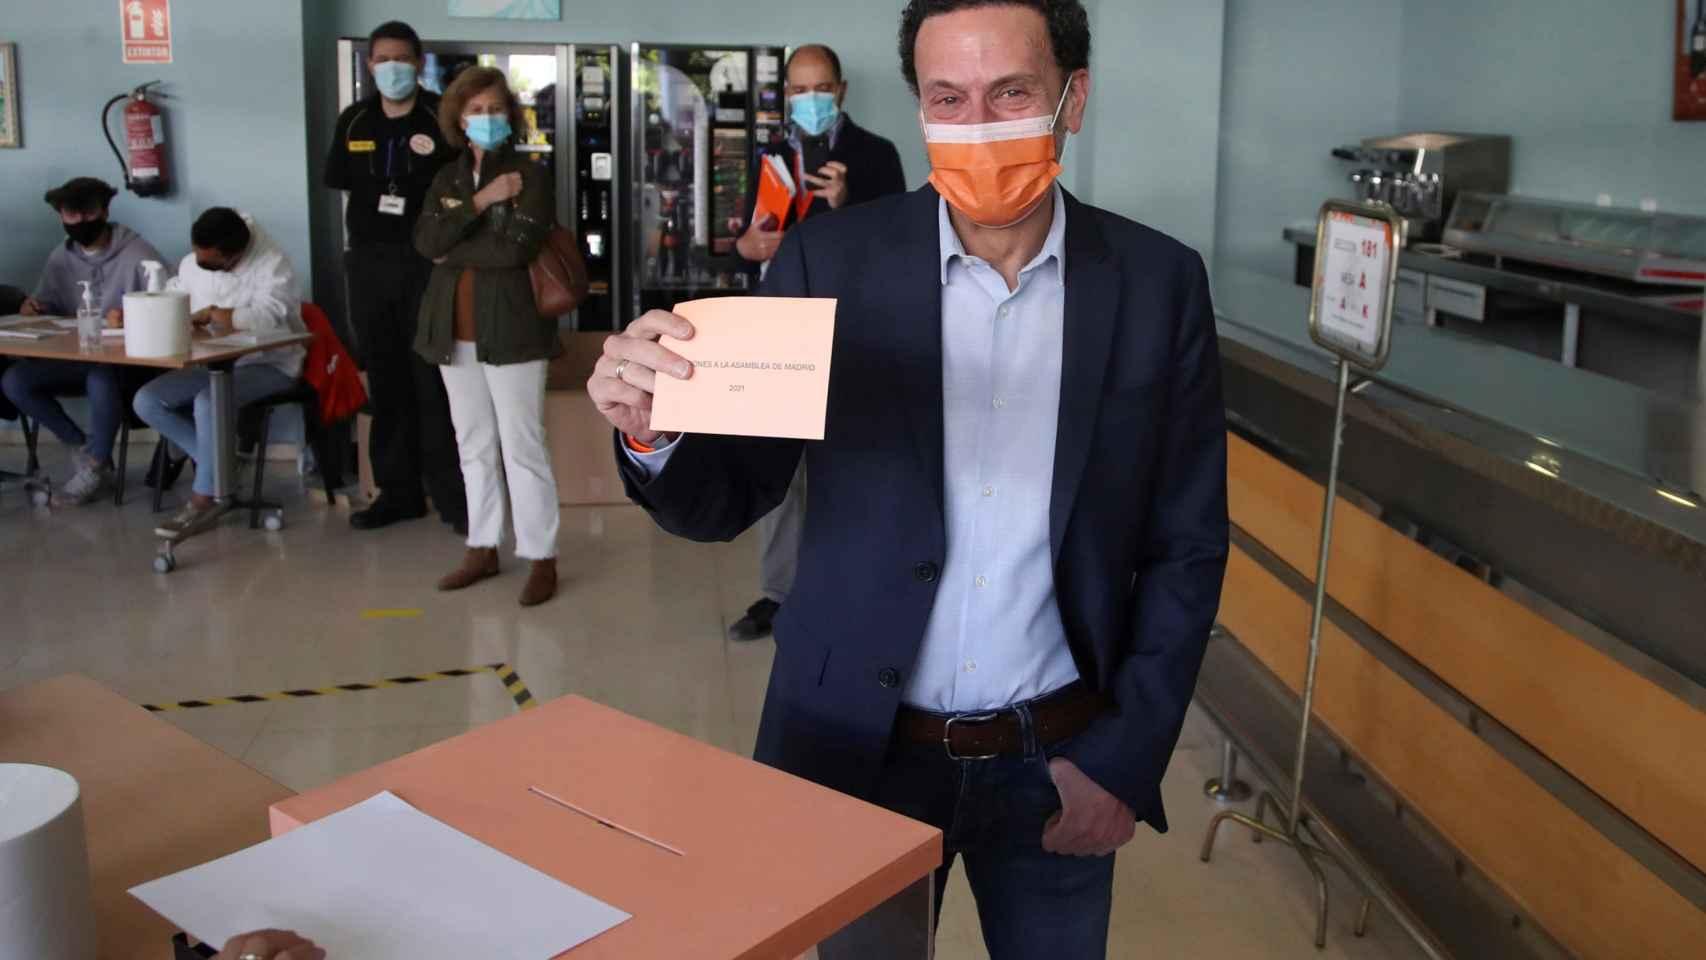 El candidato de Ciudadanos, Edmundo Bal, vota en el Centro Cultural Alfredo Kraus.